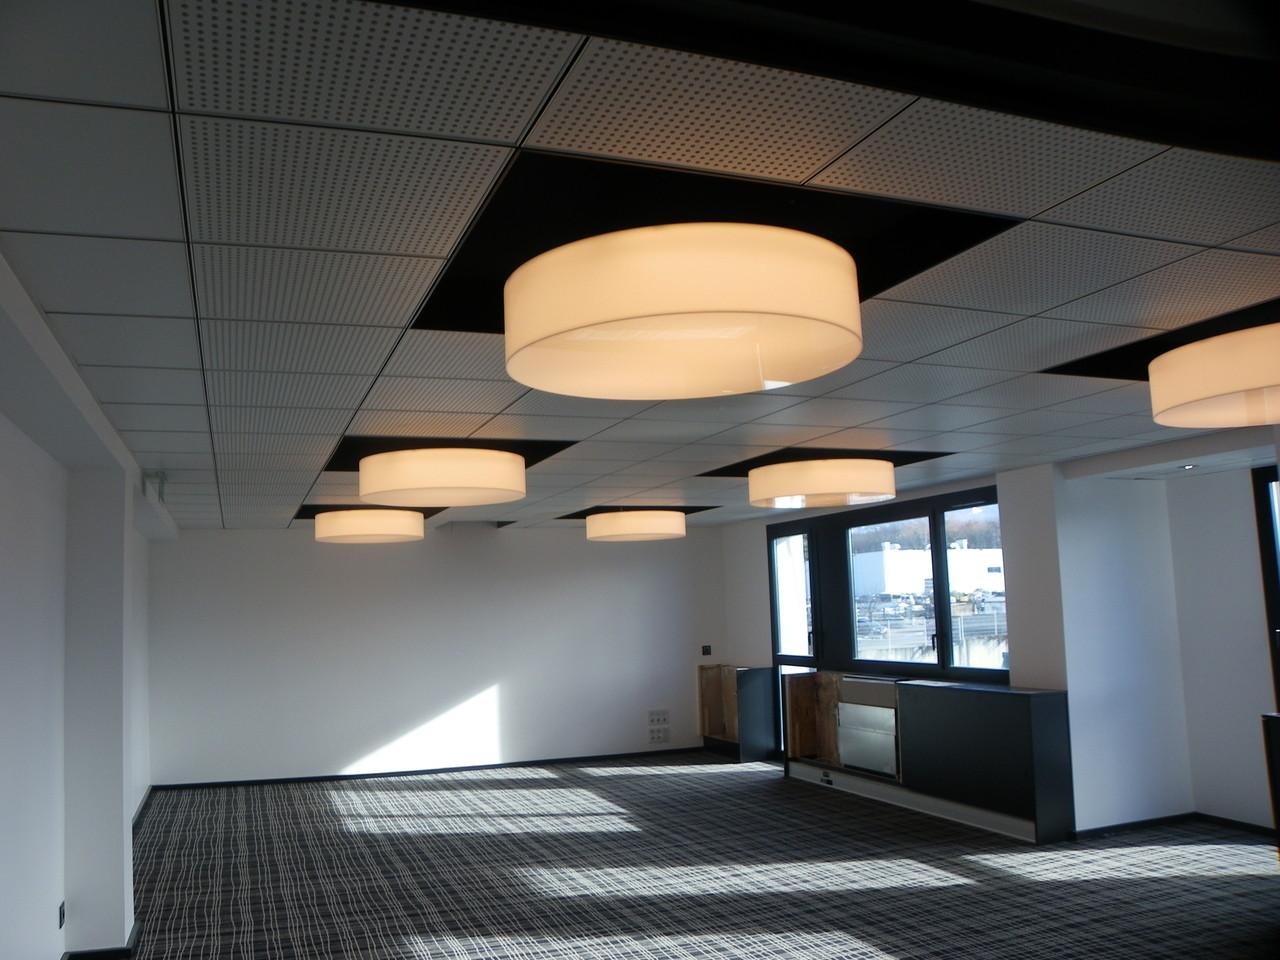 plafond acoustique et décoratif